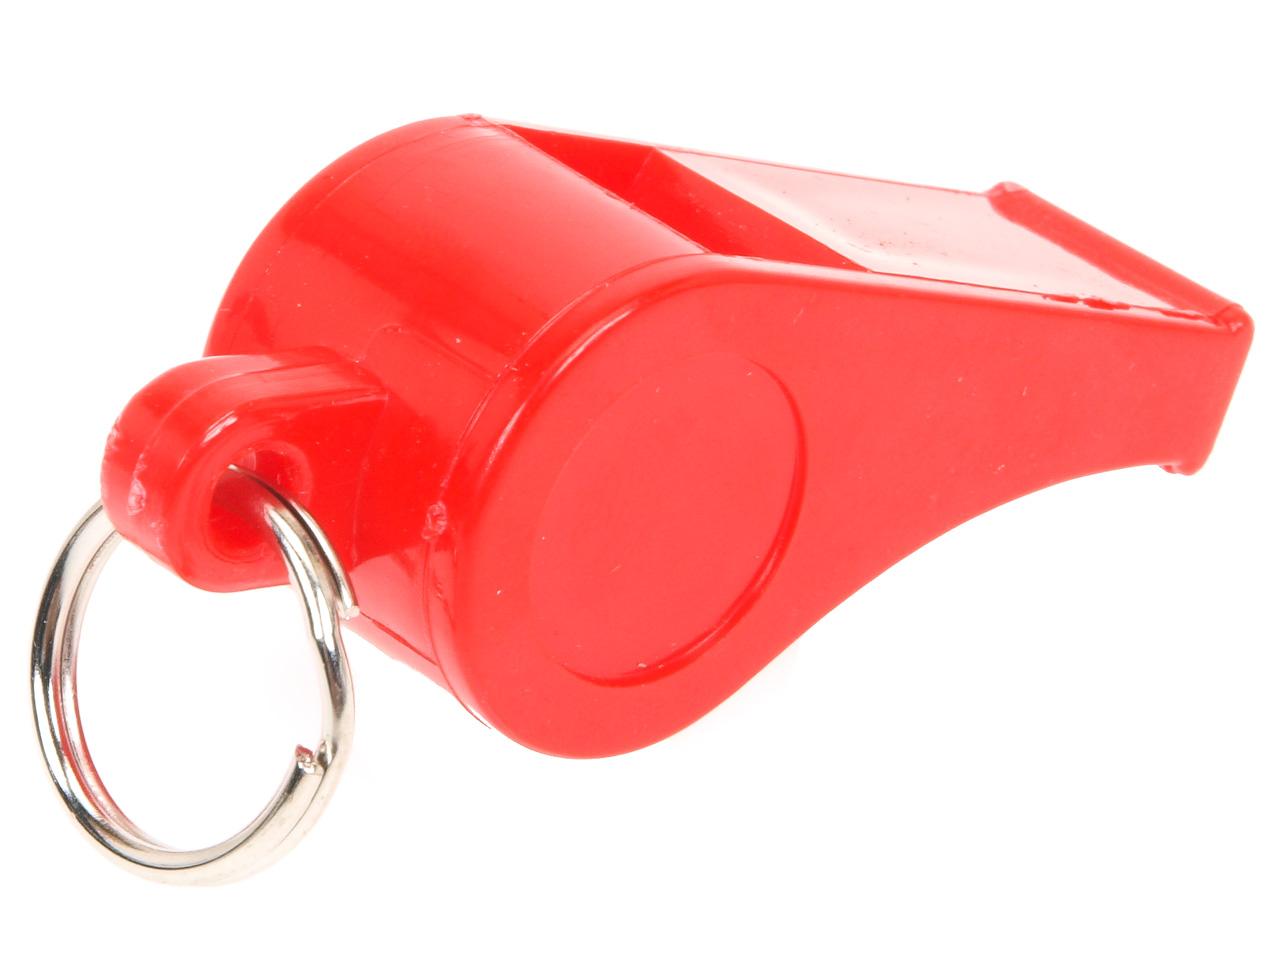 Fischietto-Arbitro-Tremblay-Fischietto-Plastica-Rosso-Rosso-80012-Nuovo miniatura 2